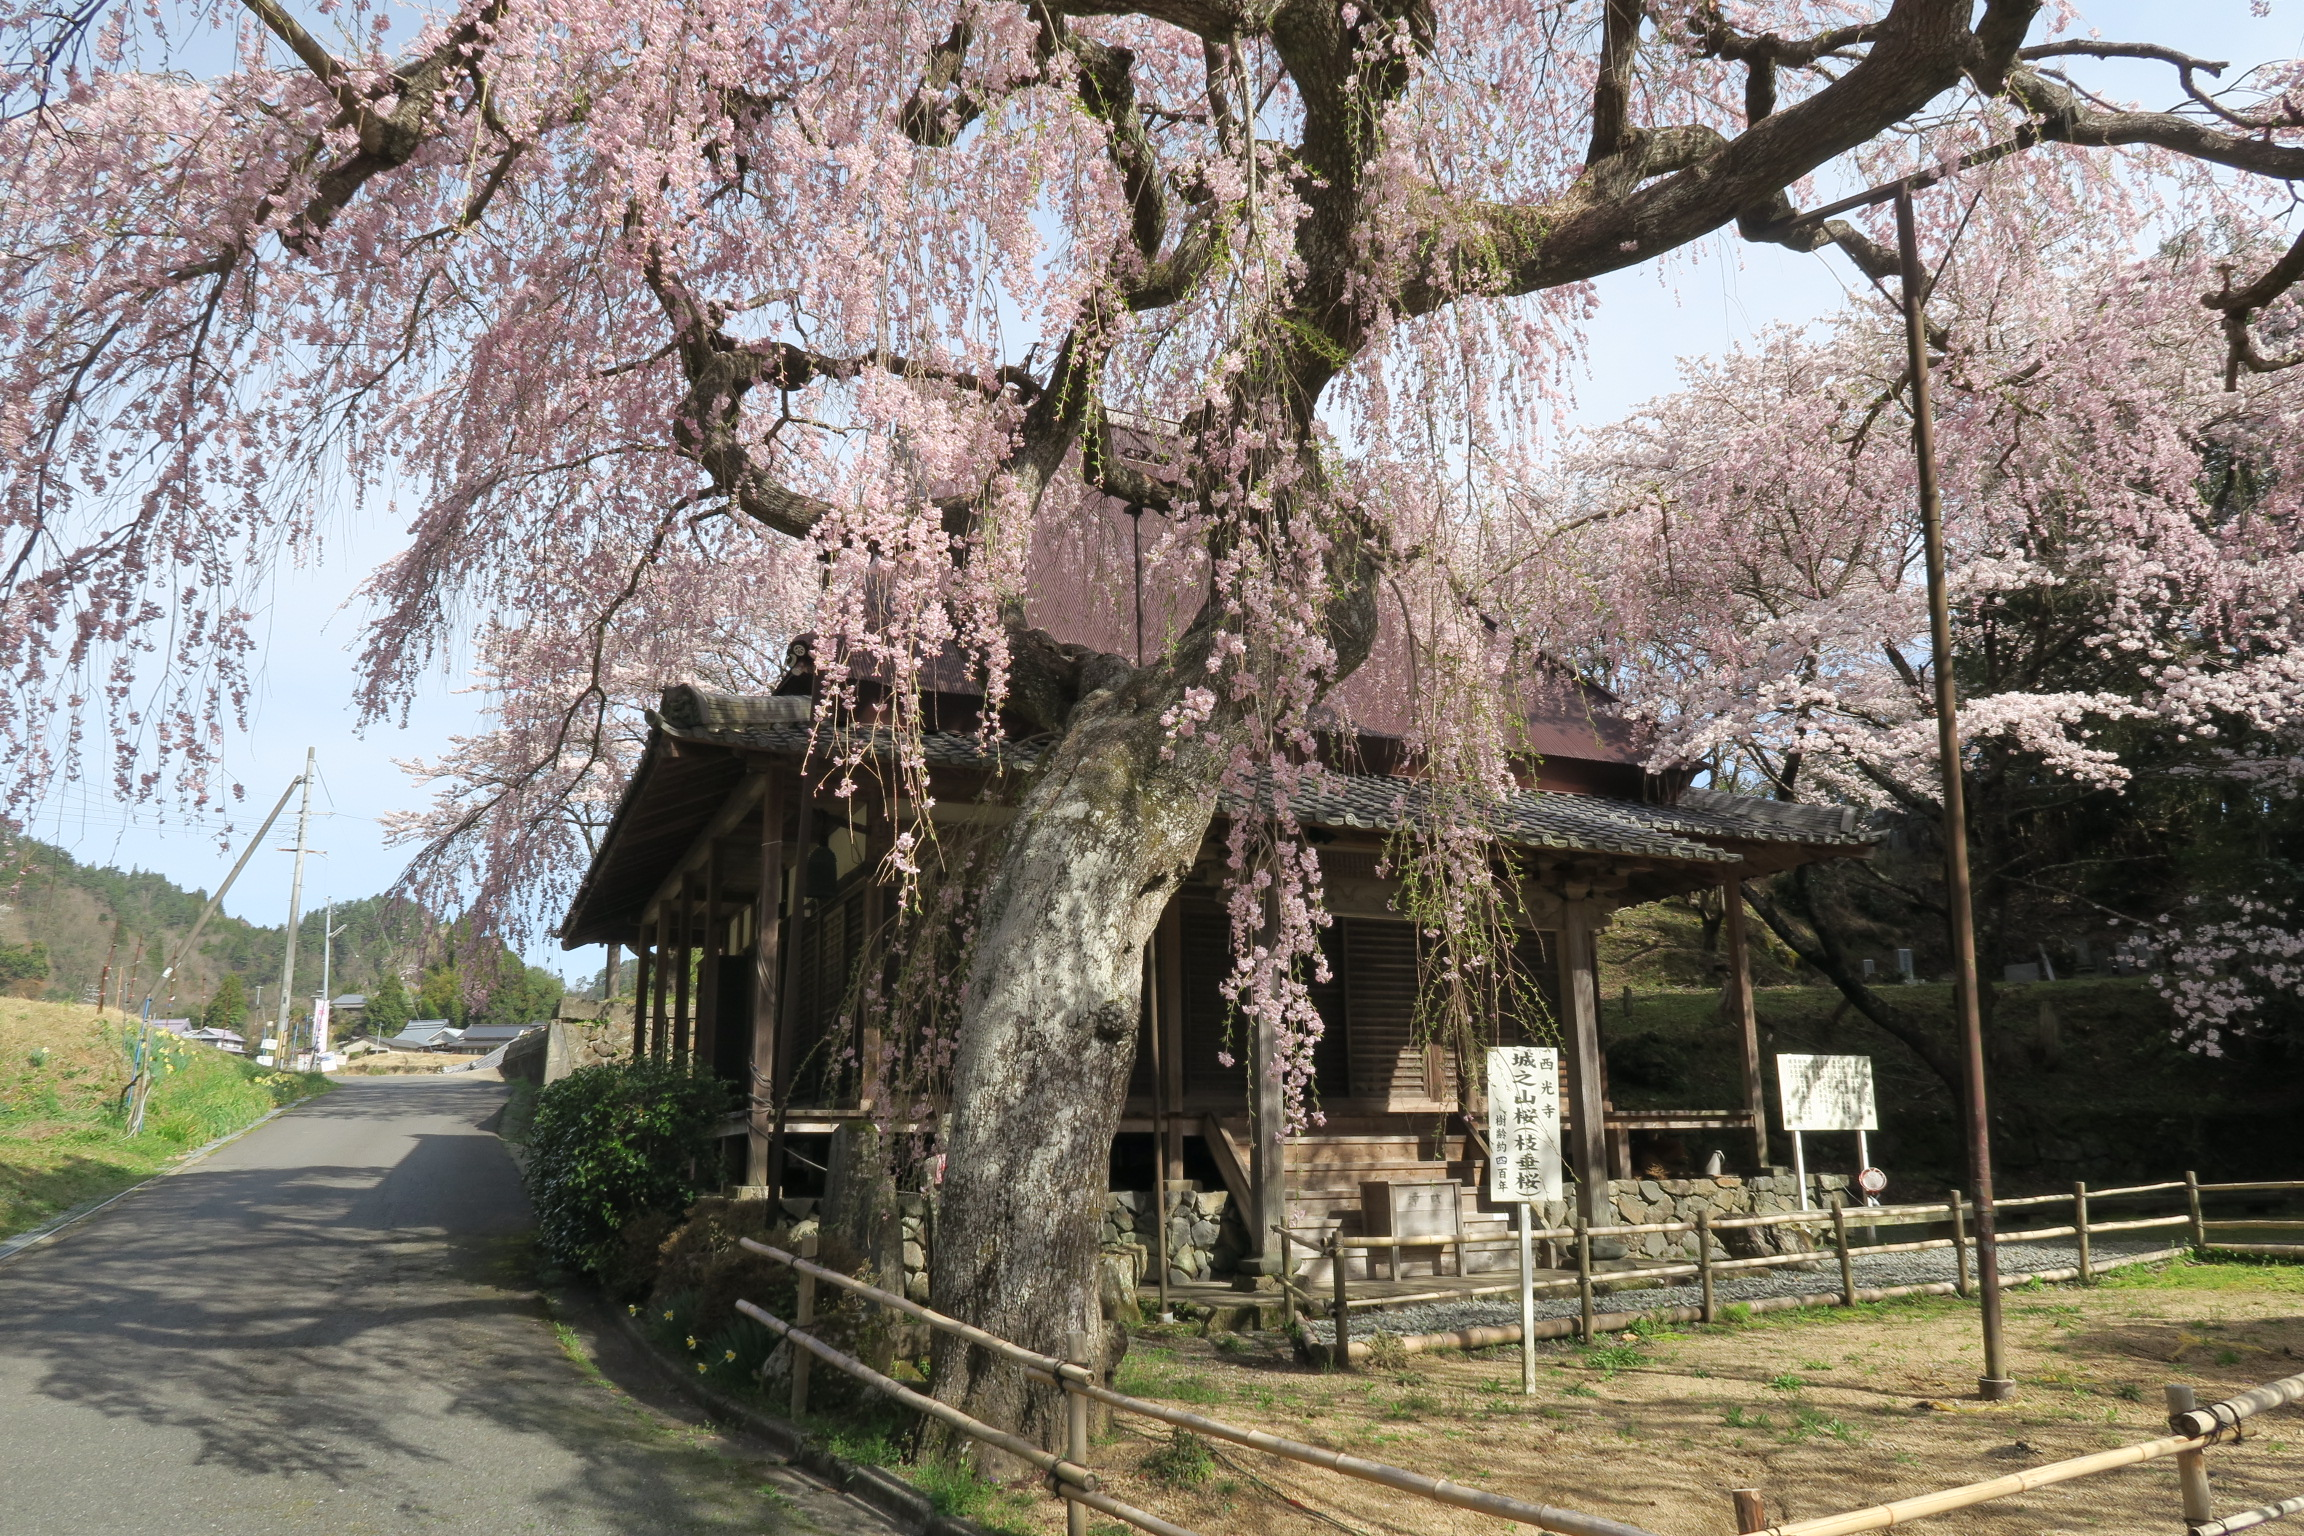 坂の上の方にあるので車が便利です。歩きだと室生寺付近から20~30分くらいです。